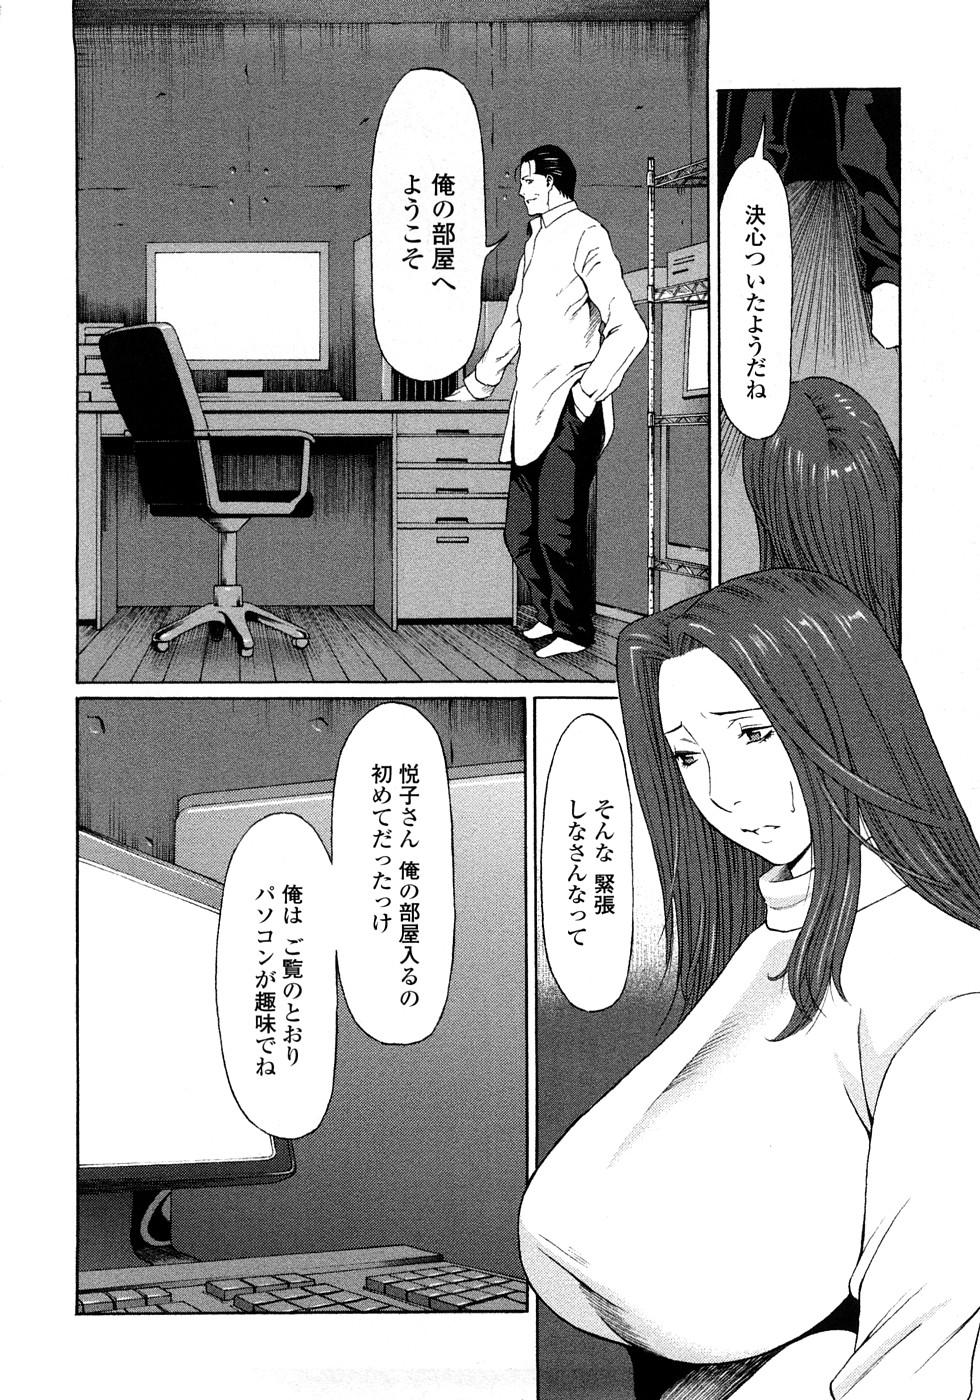 Etsuraku no Tobira - The Door of Sexual Pleasure 24